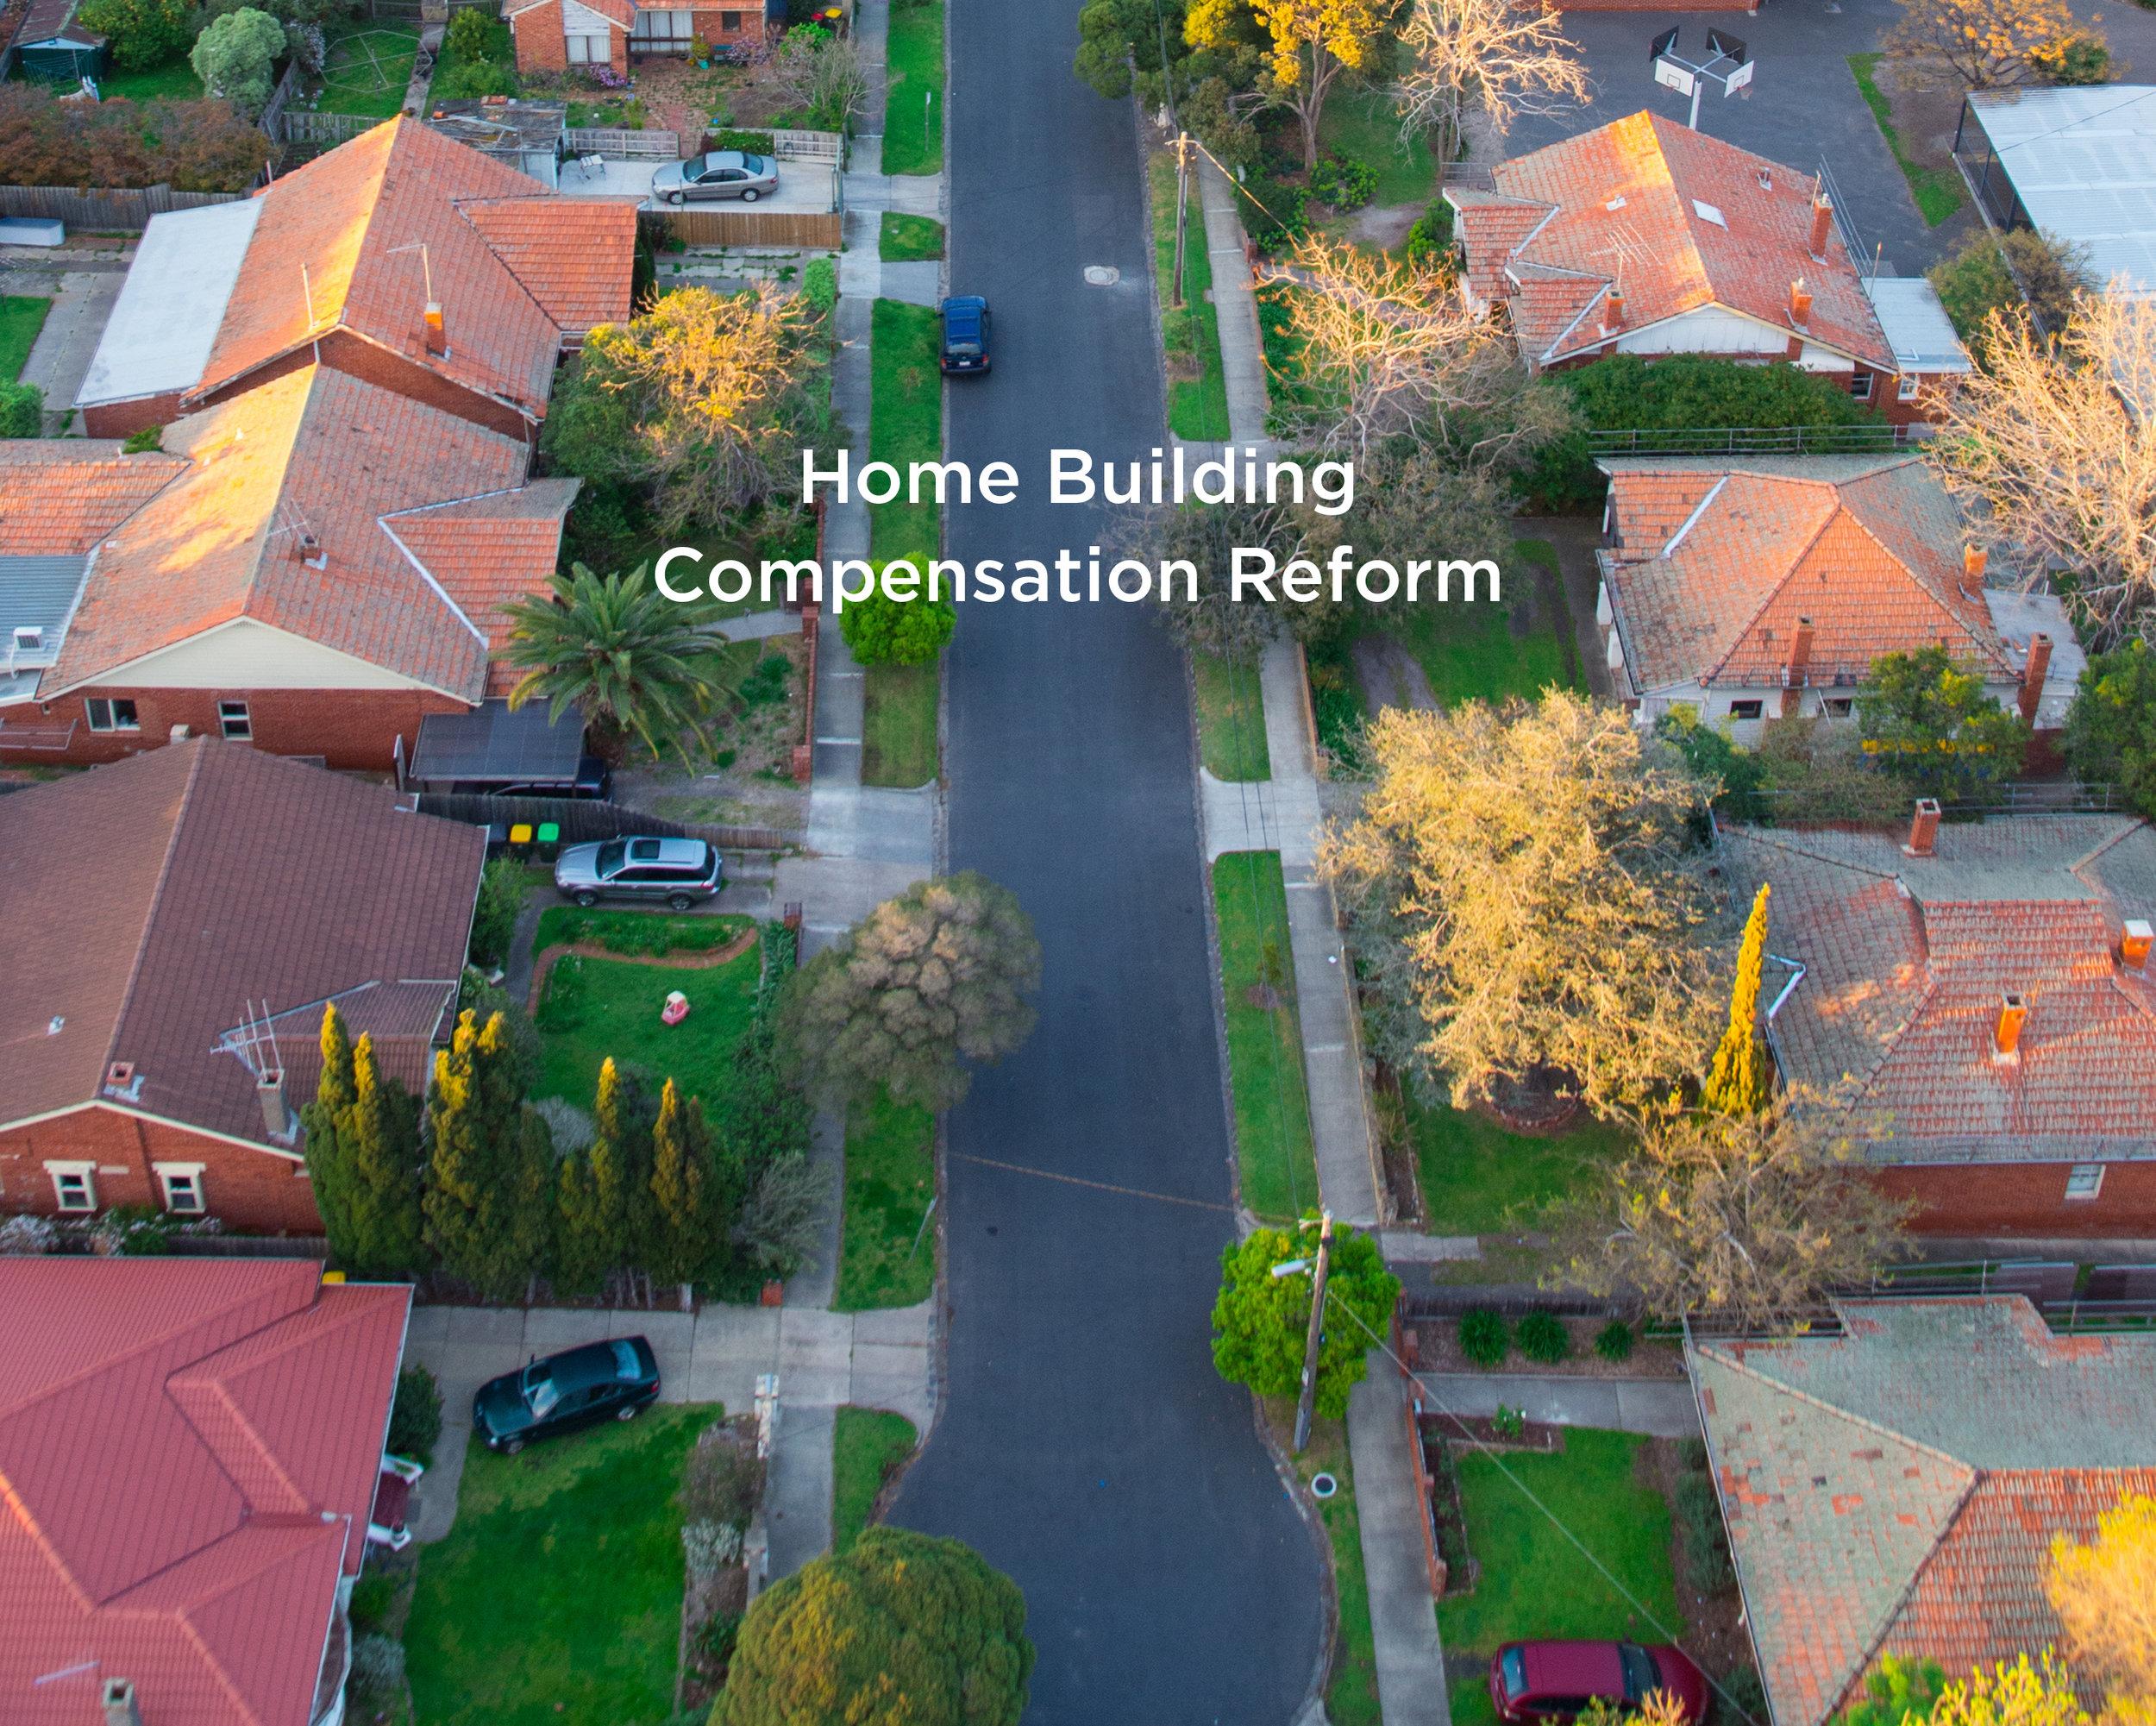 Client Work - Home Building Compensation Reform